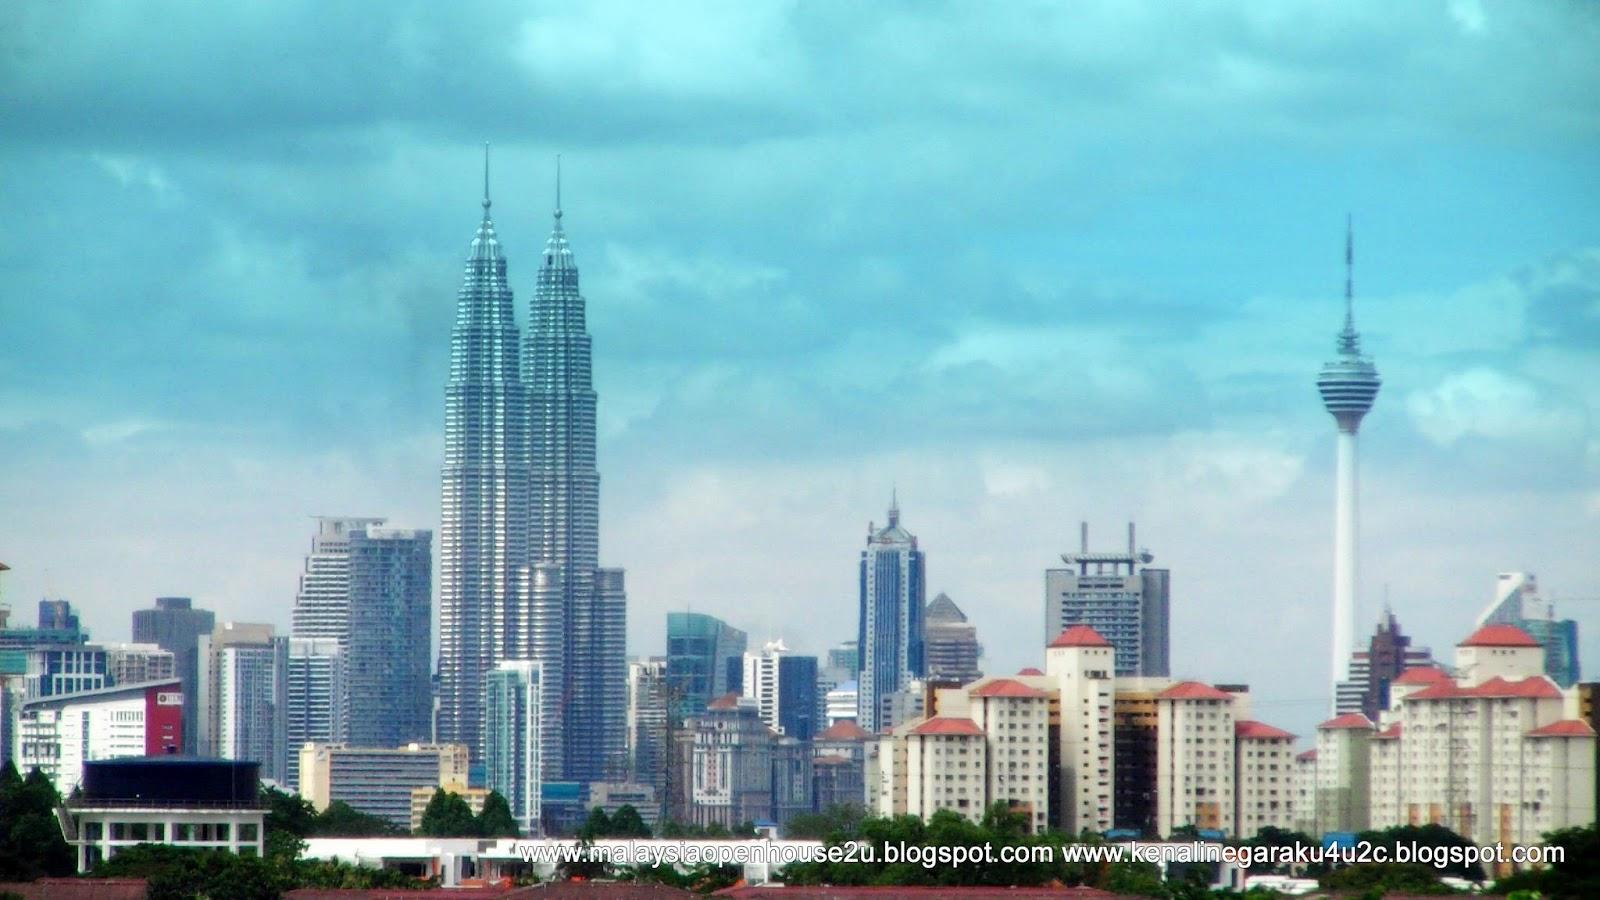 Malaysia Masih Belum 100 Peratus Negara Islam